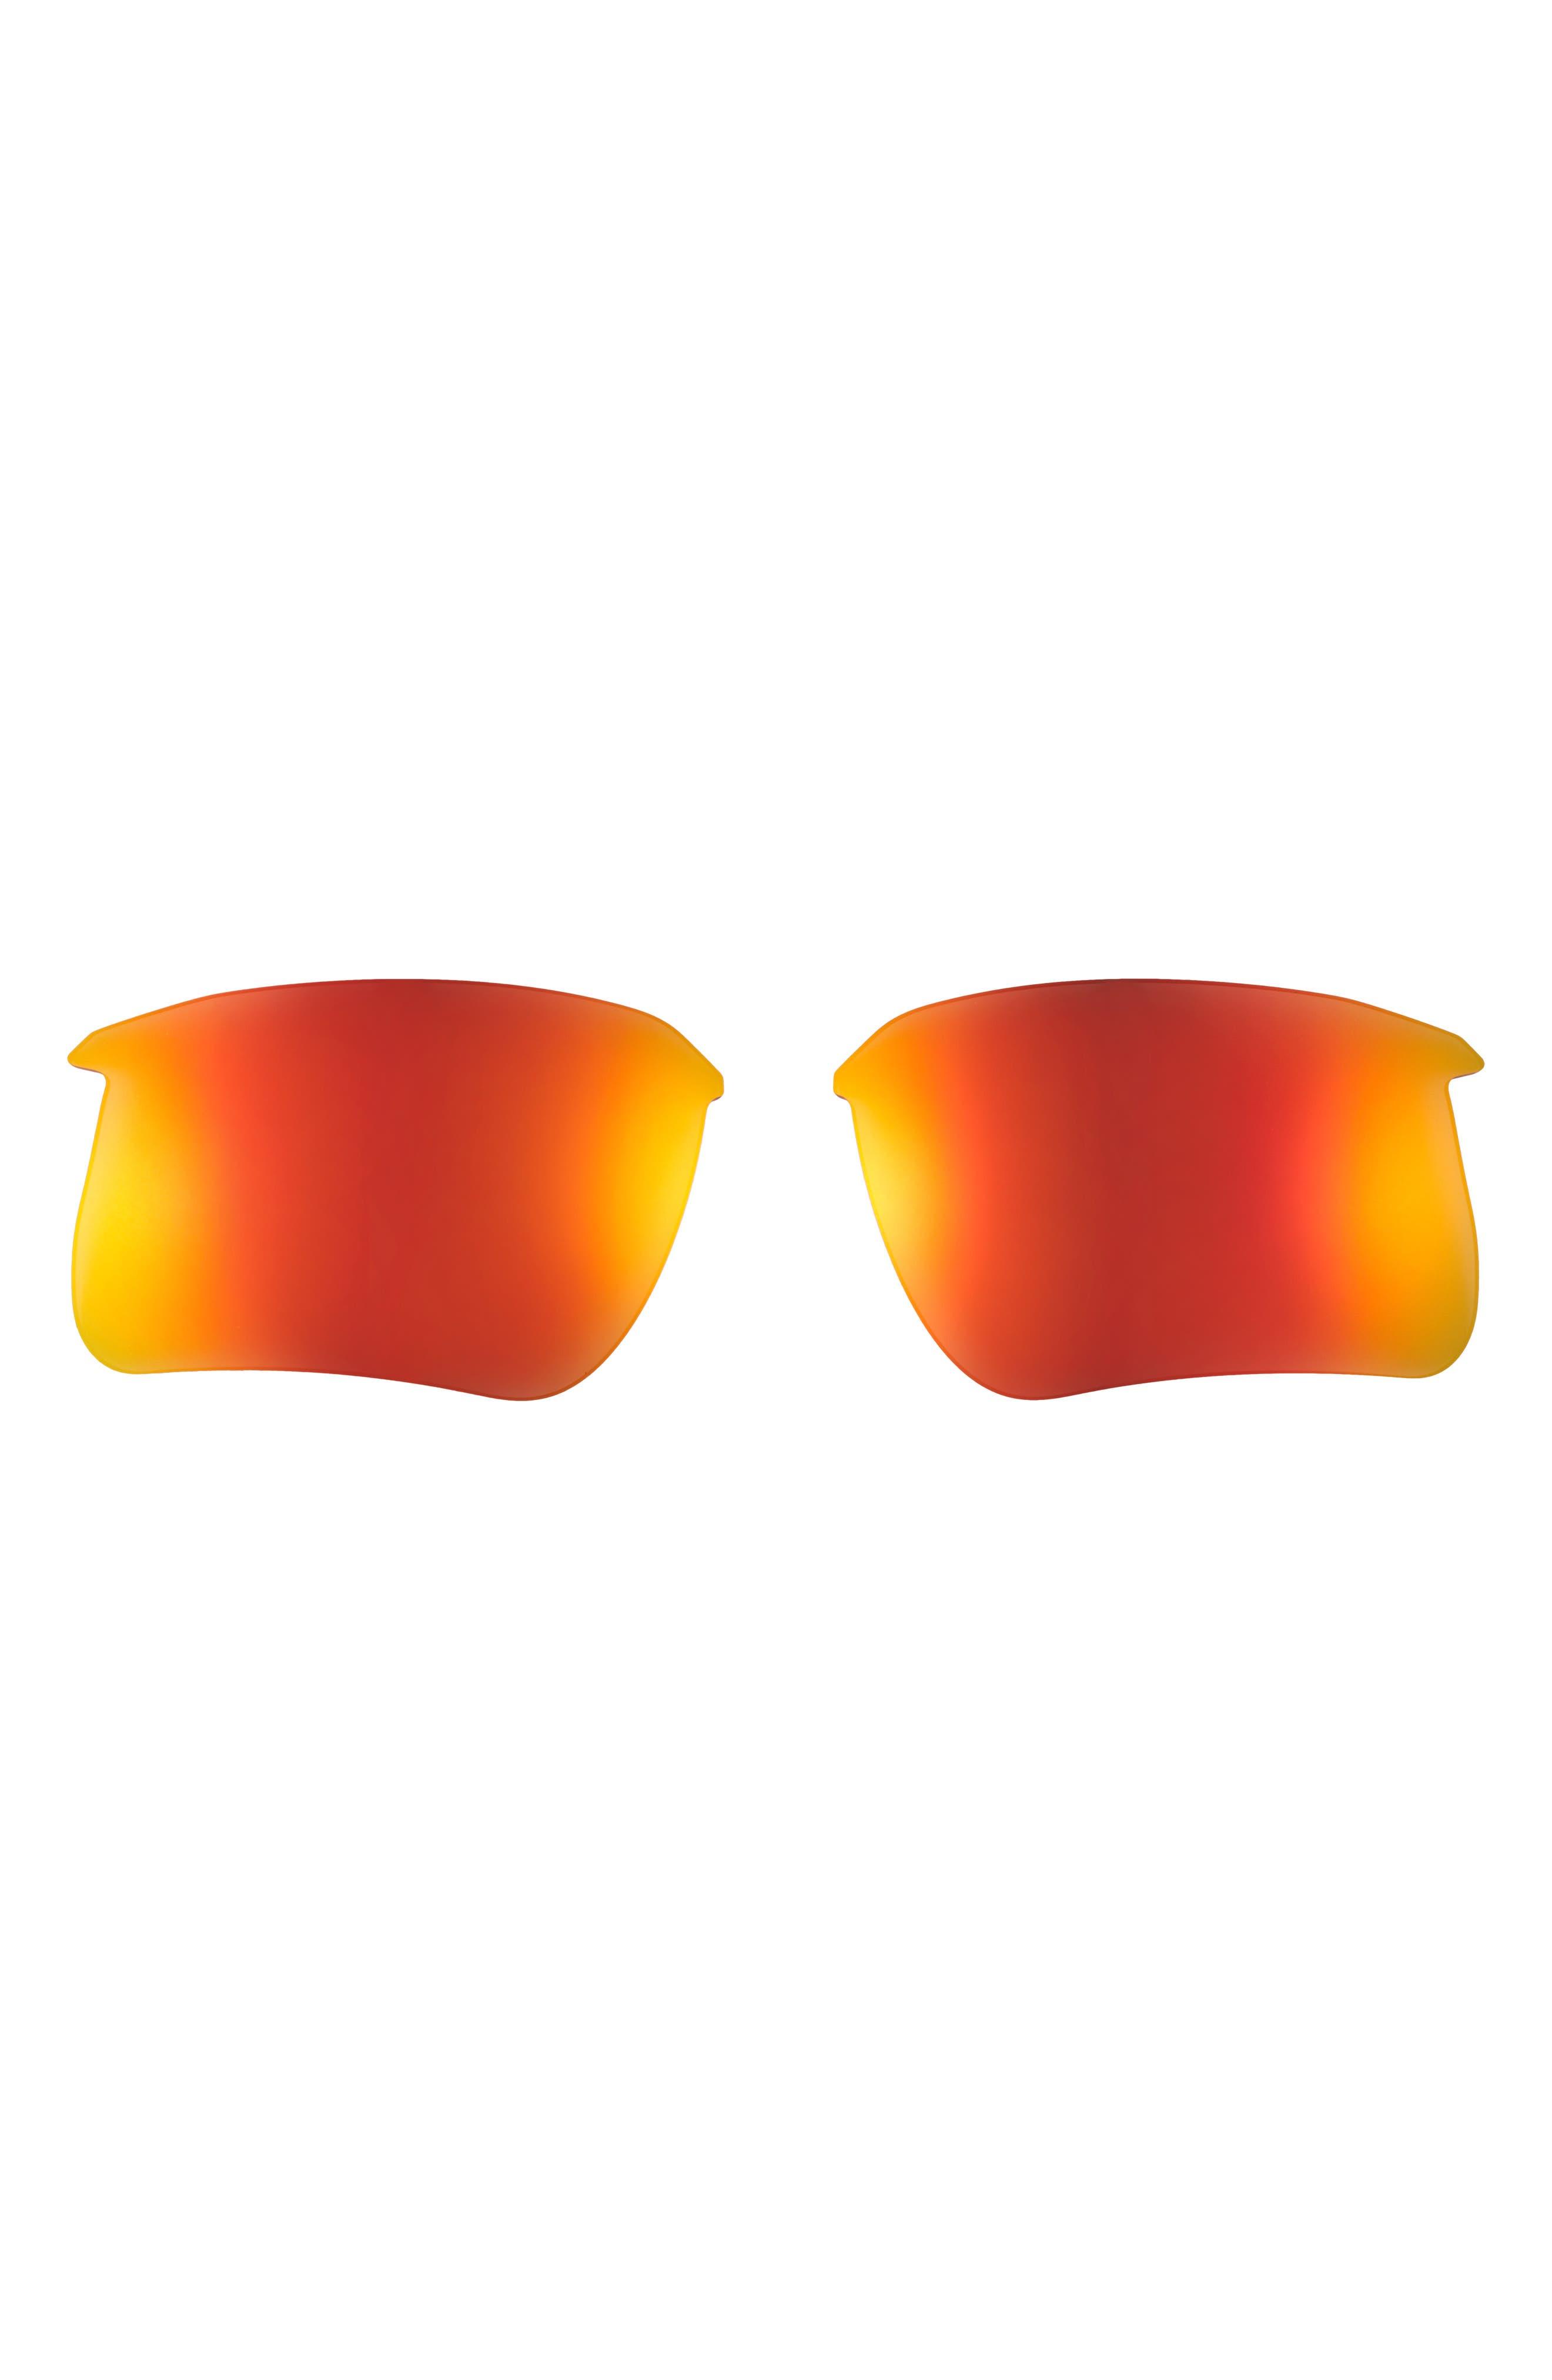 Men's Bose Frames Tempo Lenses